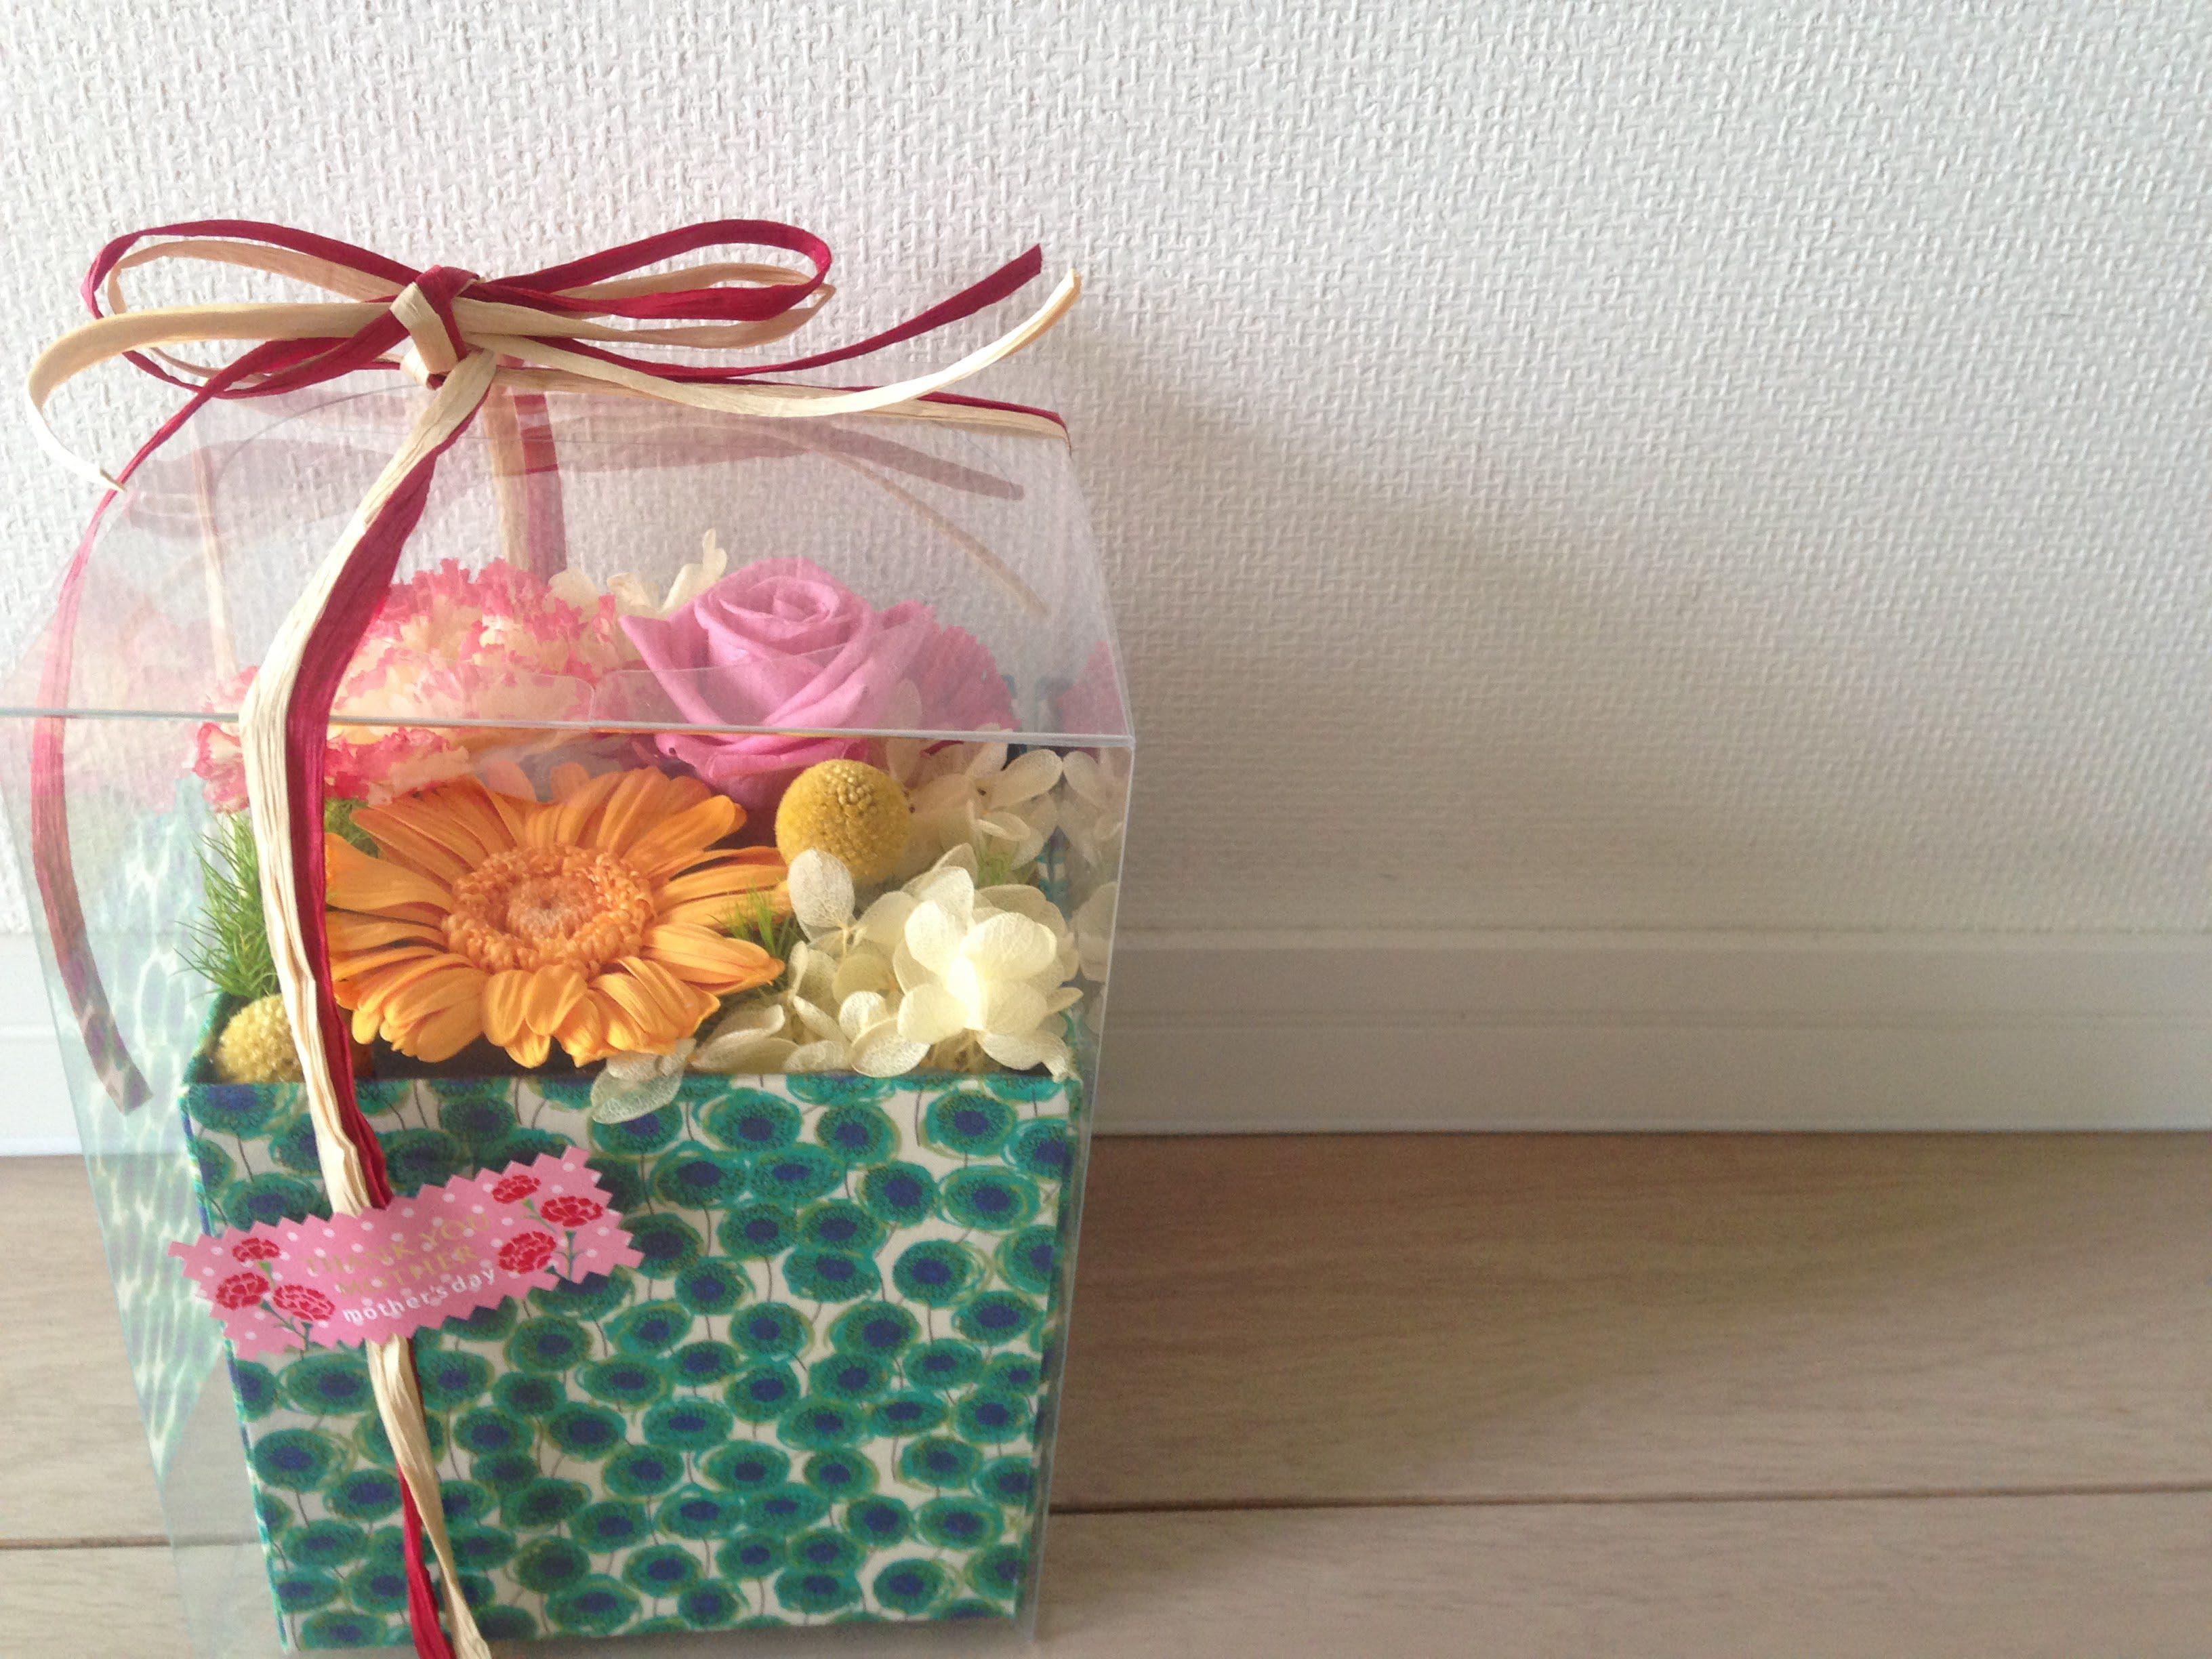 リバティ,リバティ柄,プリザーブドフラワー,母の日,プレゼント,母の日の贈り物